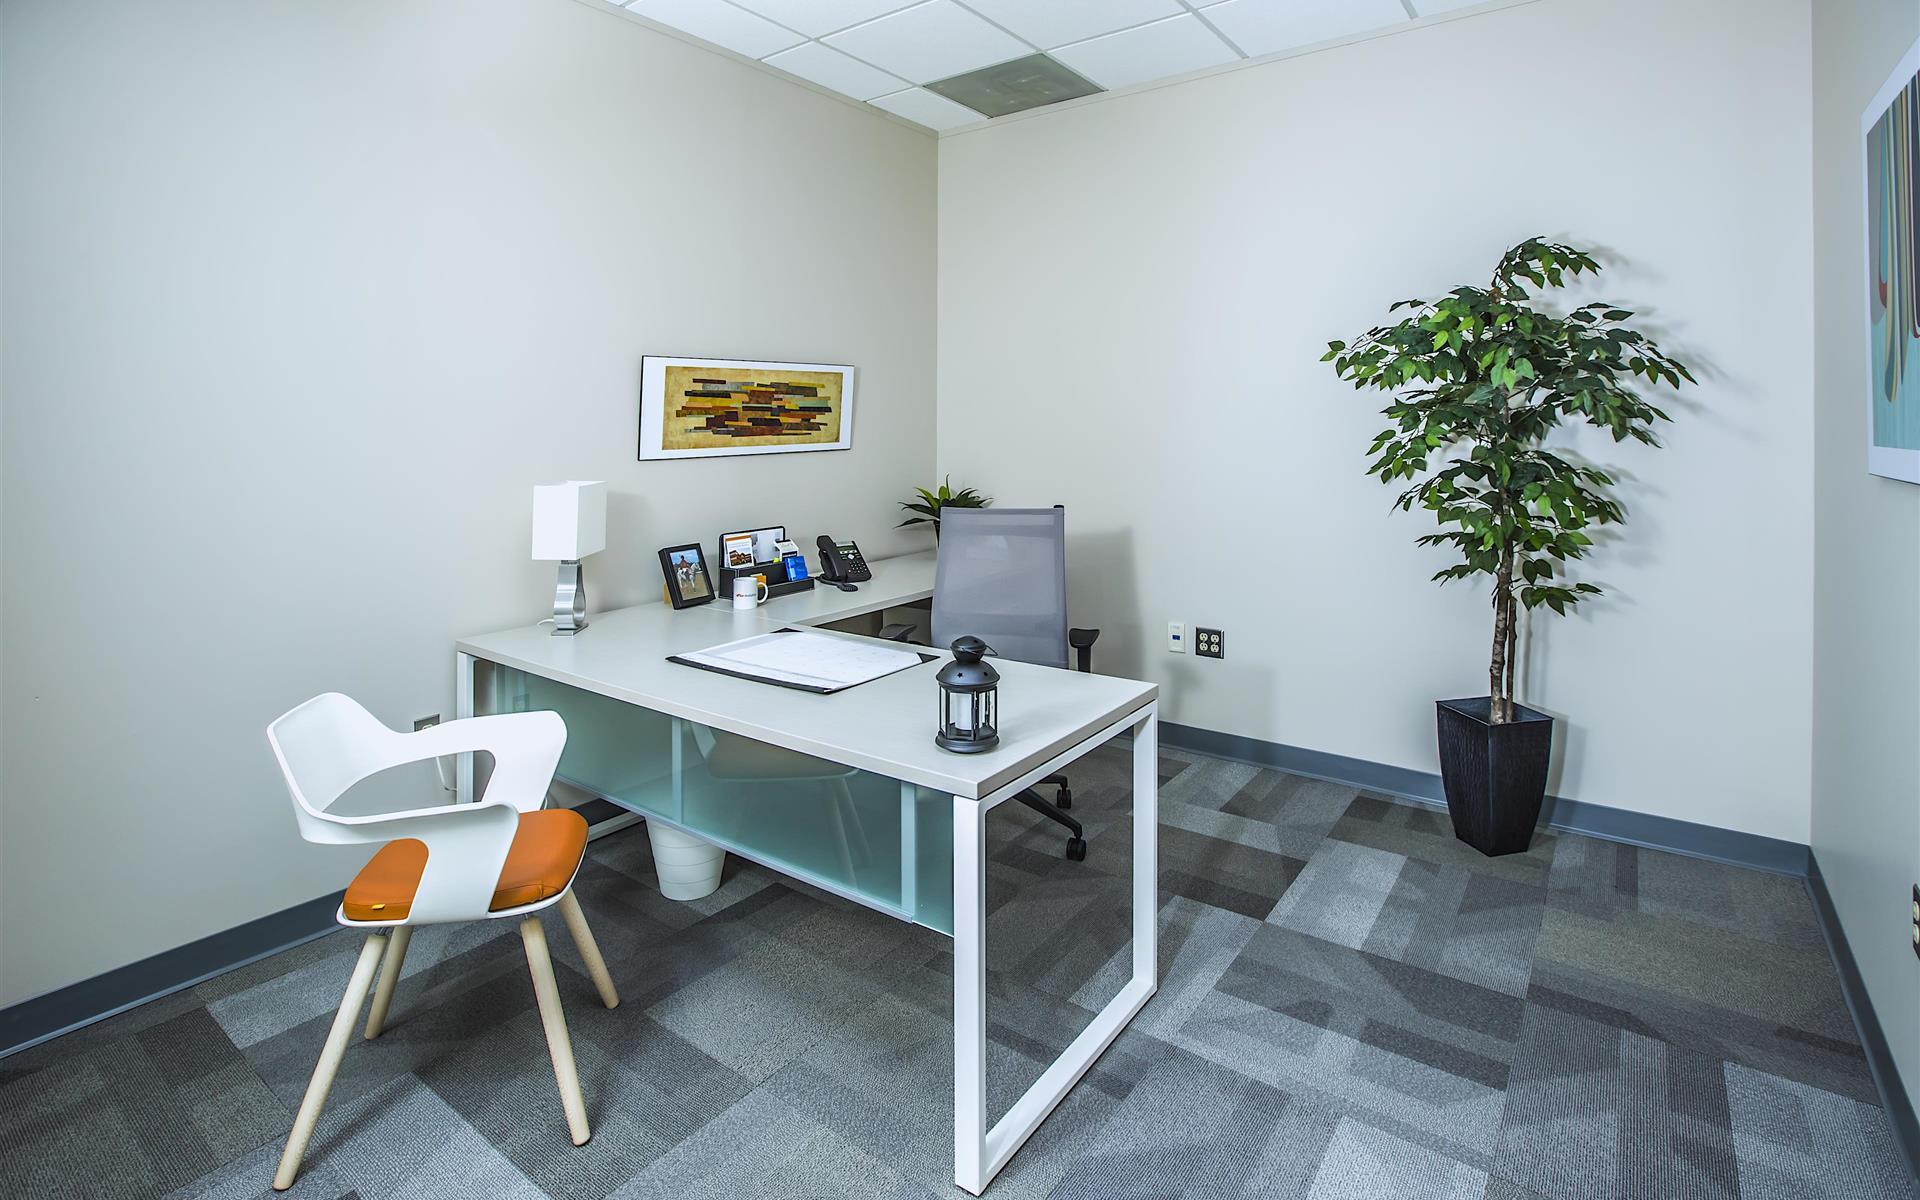 Office Evolution Greensboro - Office Evolution Greensboro